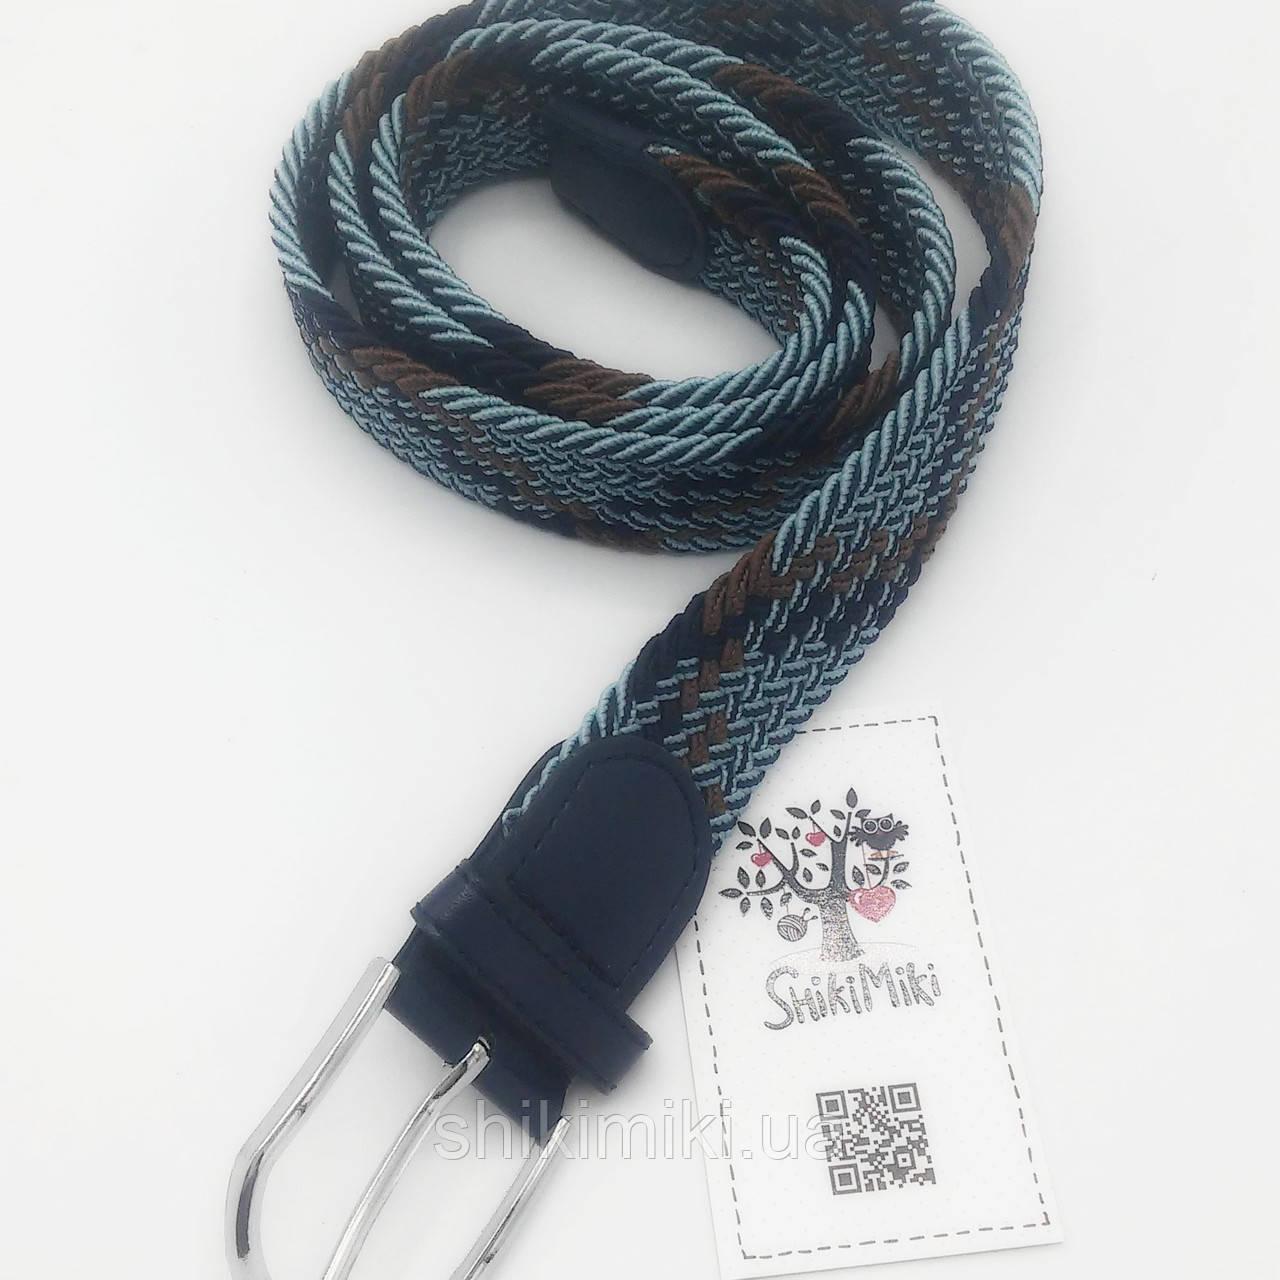 Ремень поясной  плетенка премиум резинка 3х цветный (3,5 см)